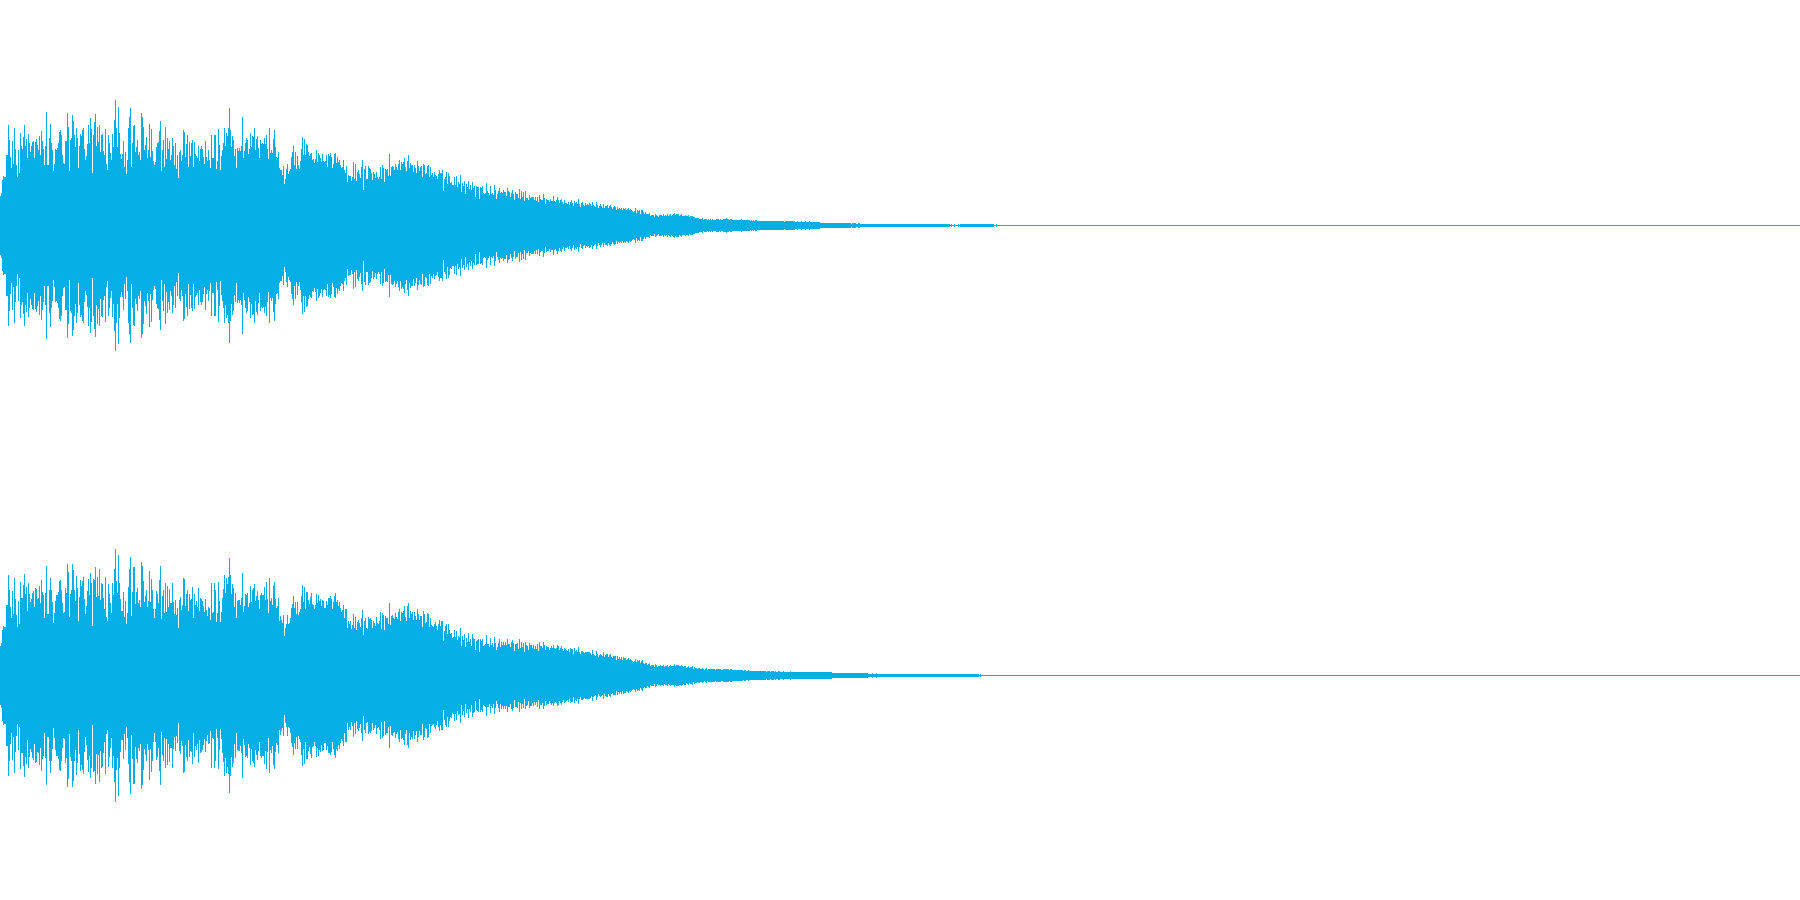 刀、剣、ロボット足音、機械音の再生済みの波形